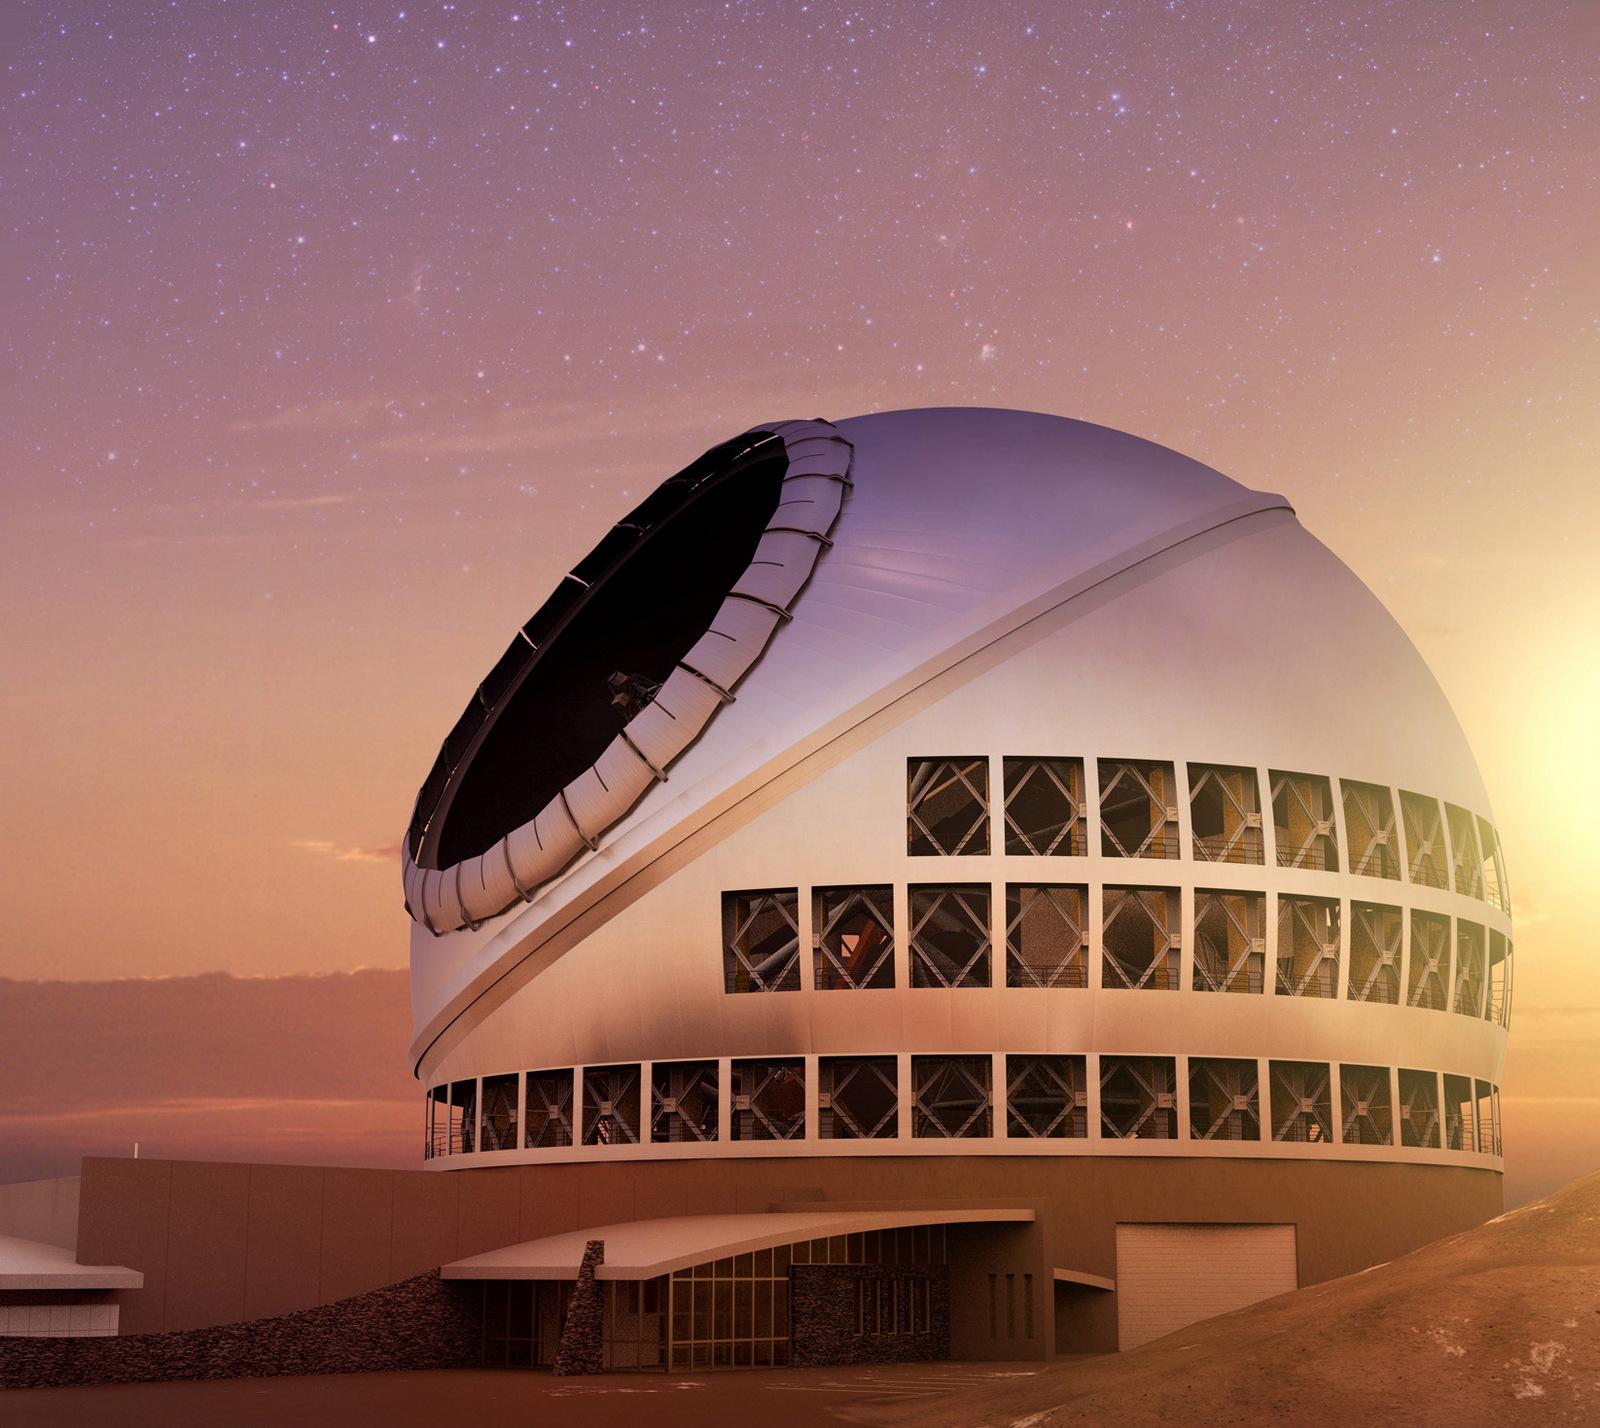 Rendering of the Thirty Meter Telescope.